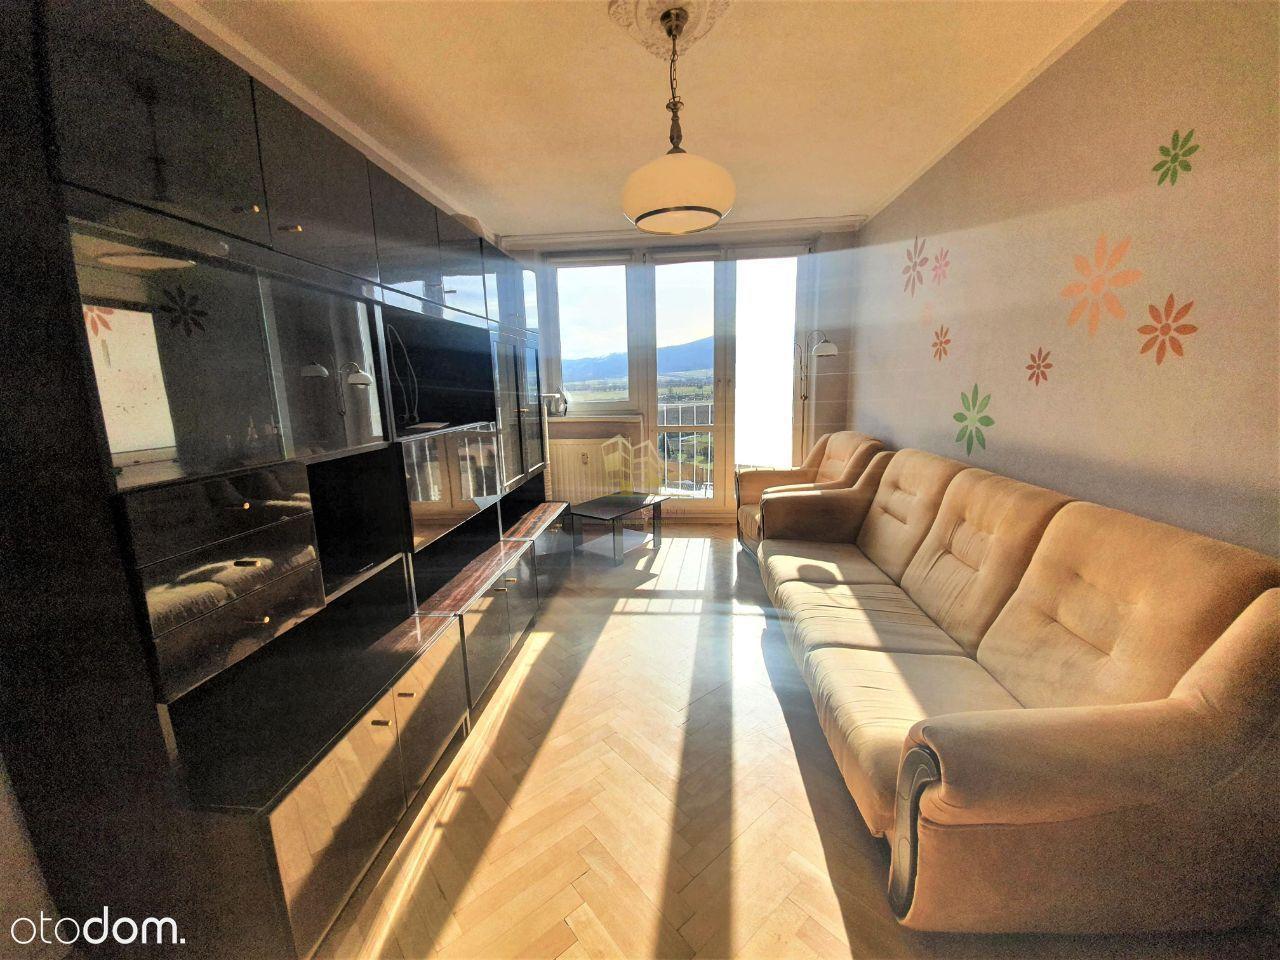 Mieszkanie 2 pok./ 38,8 m2/II piętro/ BLOK